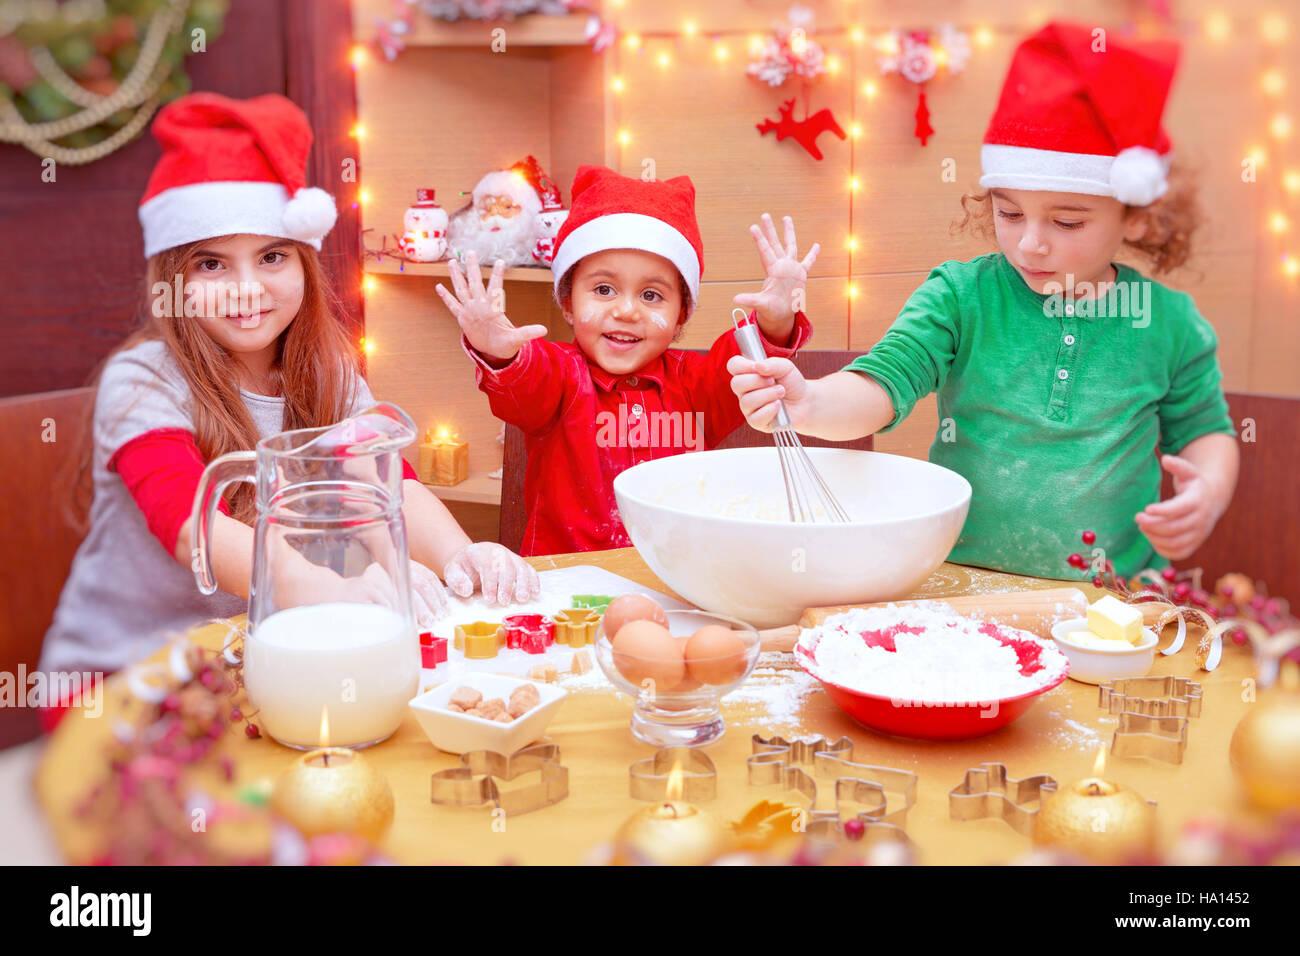 Kinder Weihnachtskekse.Glückliche Kinder Weihnachtskekse Zu Hause Machen Niedliche Kleine